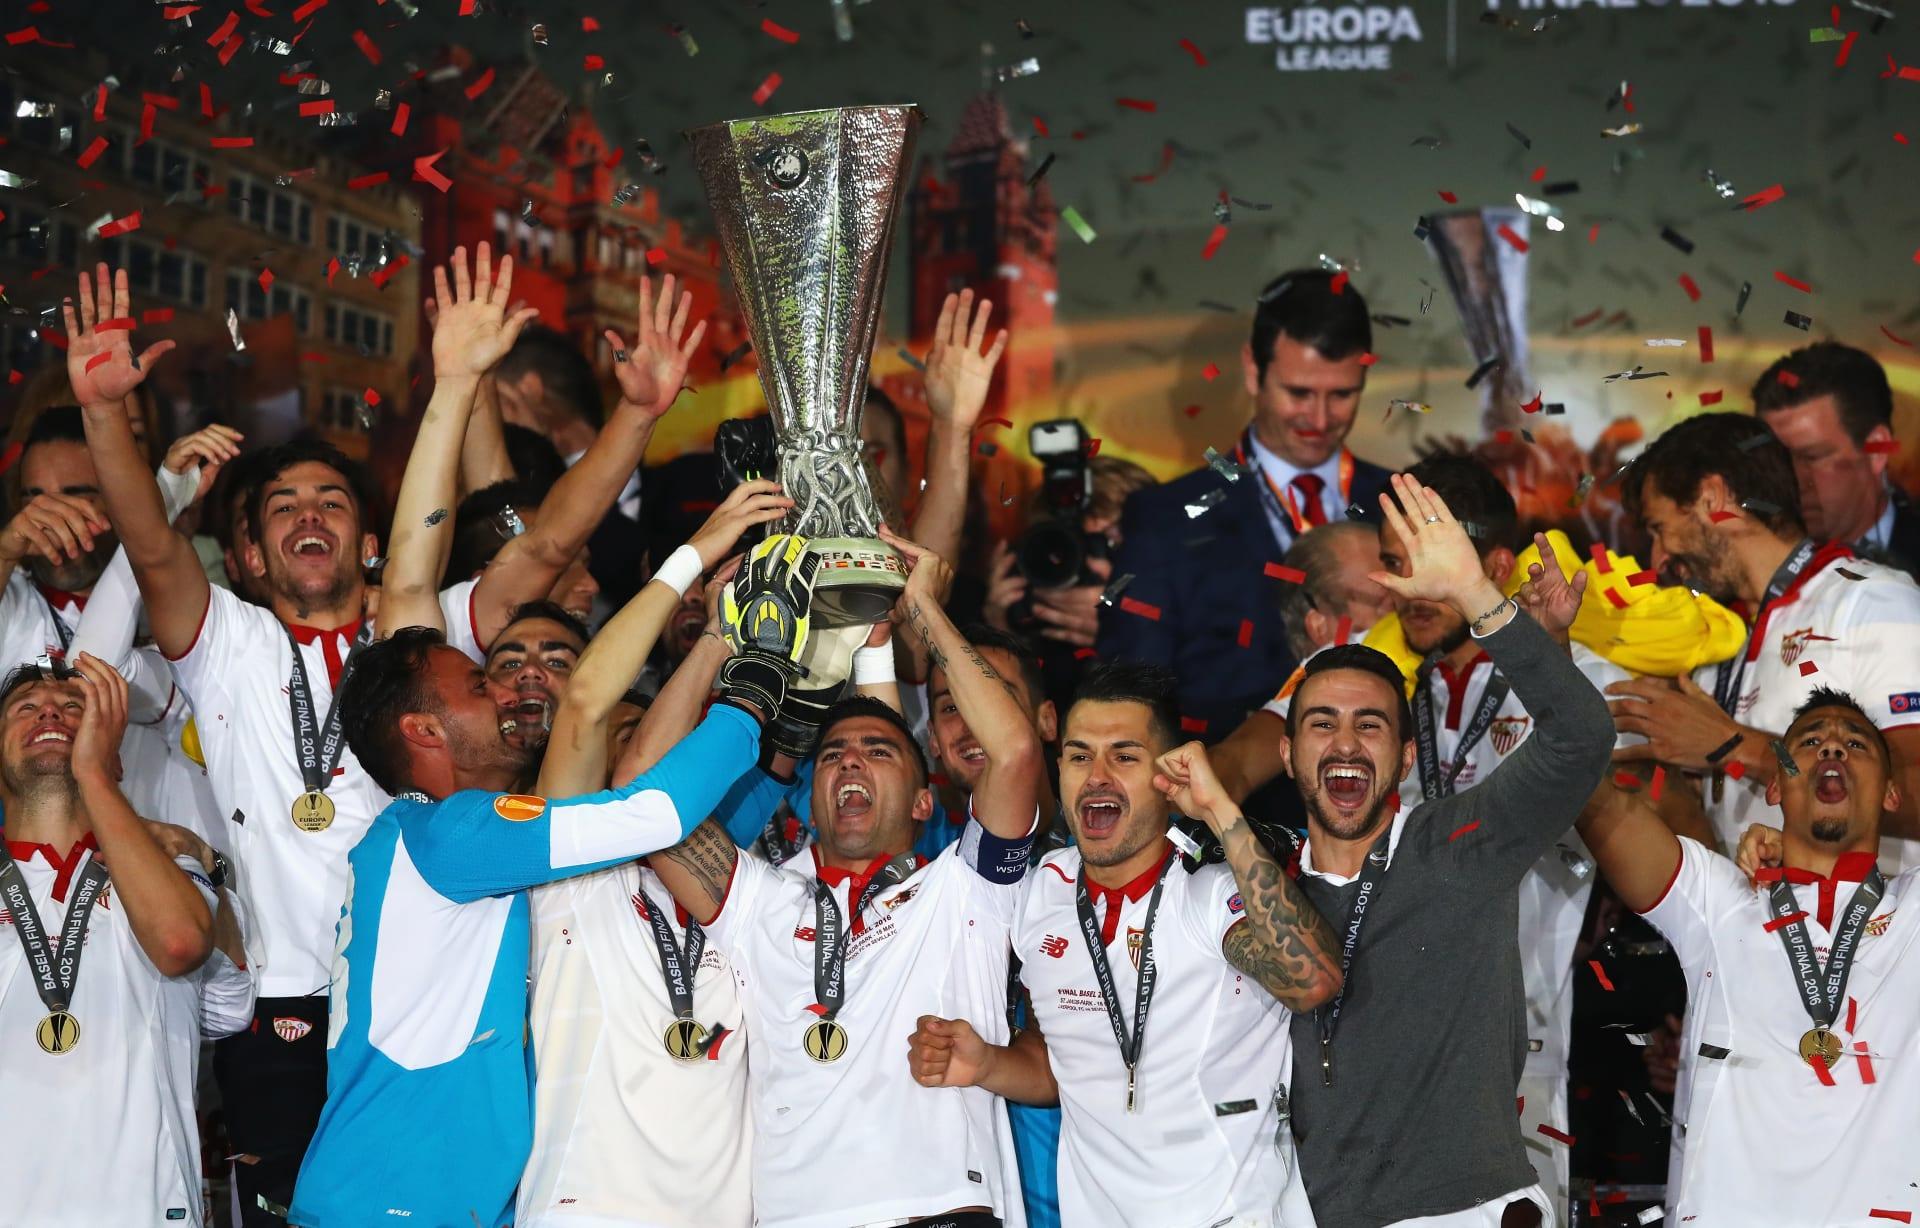 إشبيلية يتوج بلقب الدوري الأوروبي ويحقق رقما قياسيا